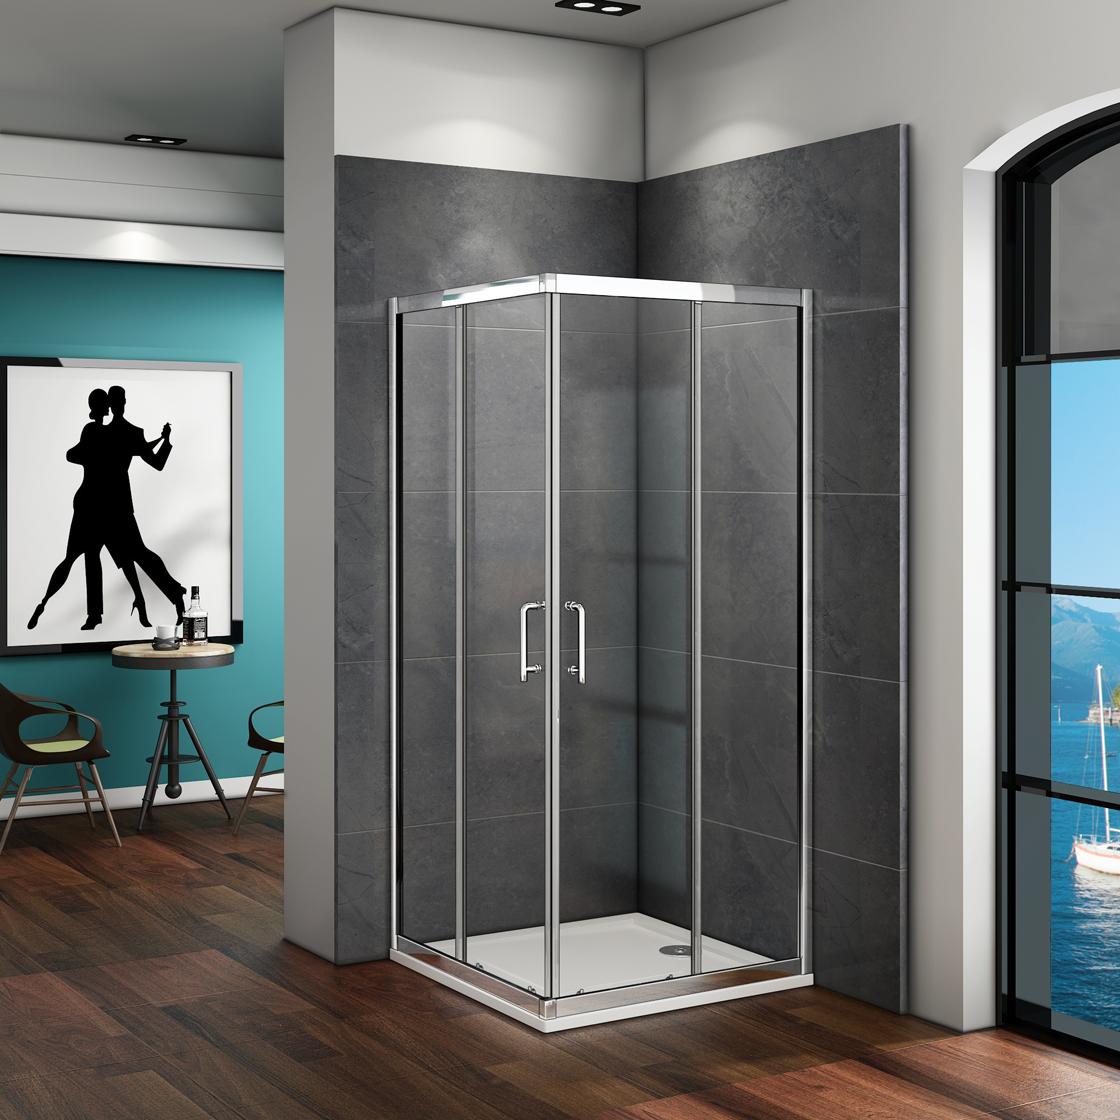 90x90cm duschkabine schiebet r duschabtrennung duschwand dusche eckeinstieg cm99 ebay. Black Bedroom Furniture Sets. Home Design Ideas